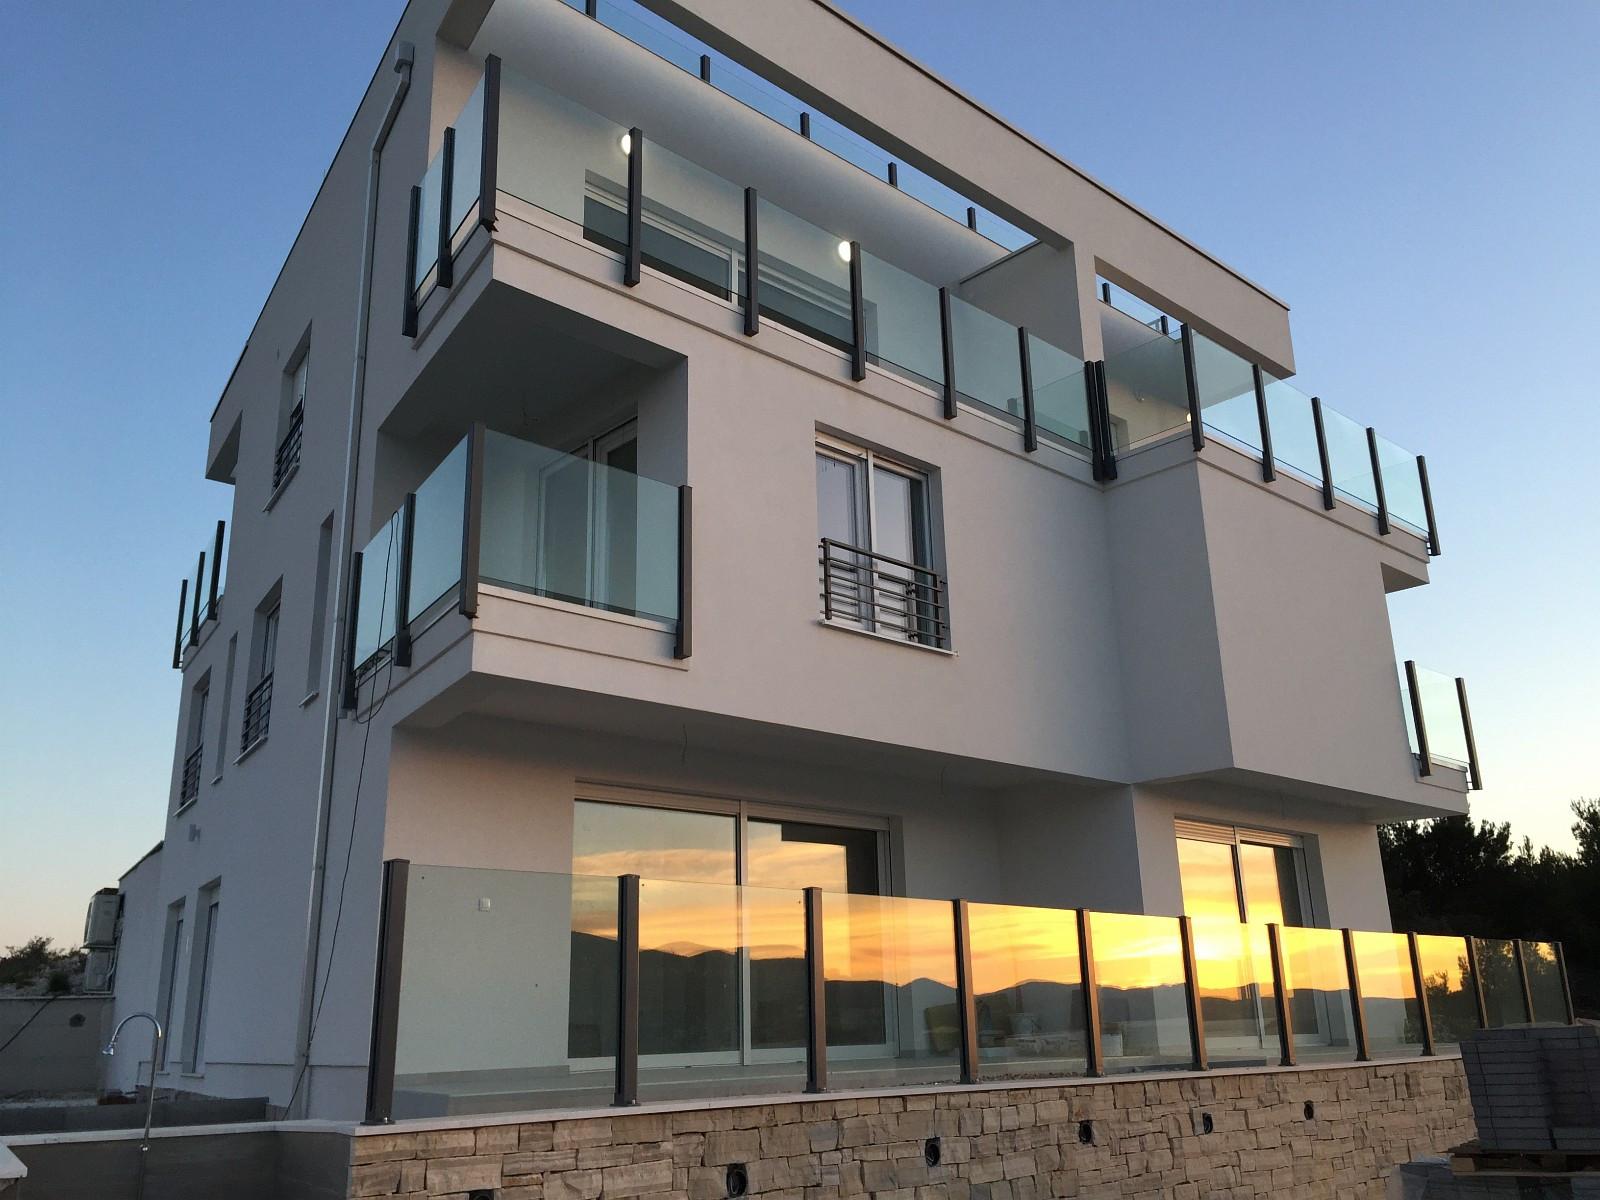 Bilde av huset. Leiligheten ligger i 2 og 3 etg. på venstre side.